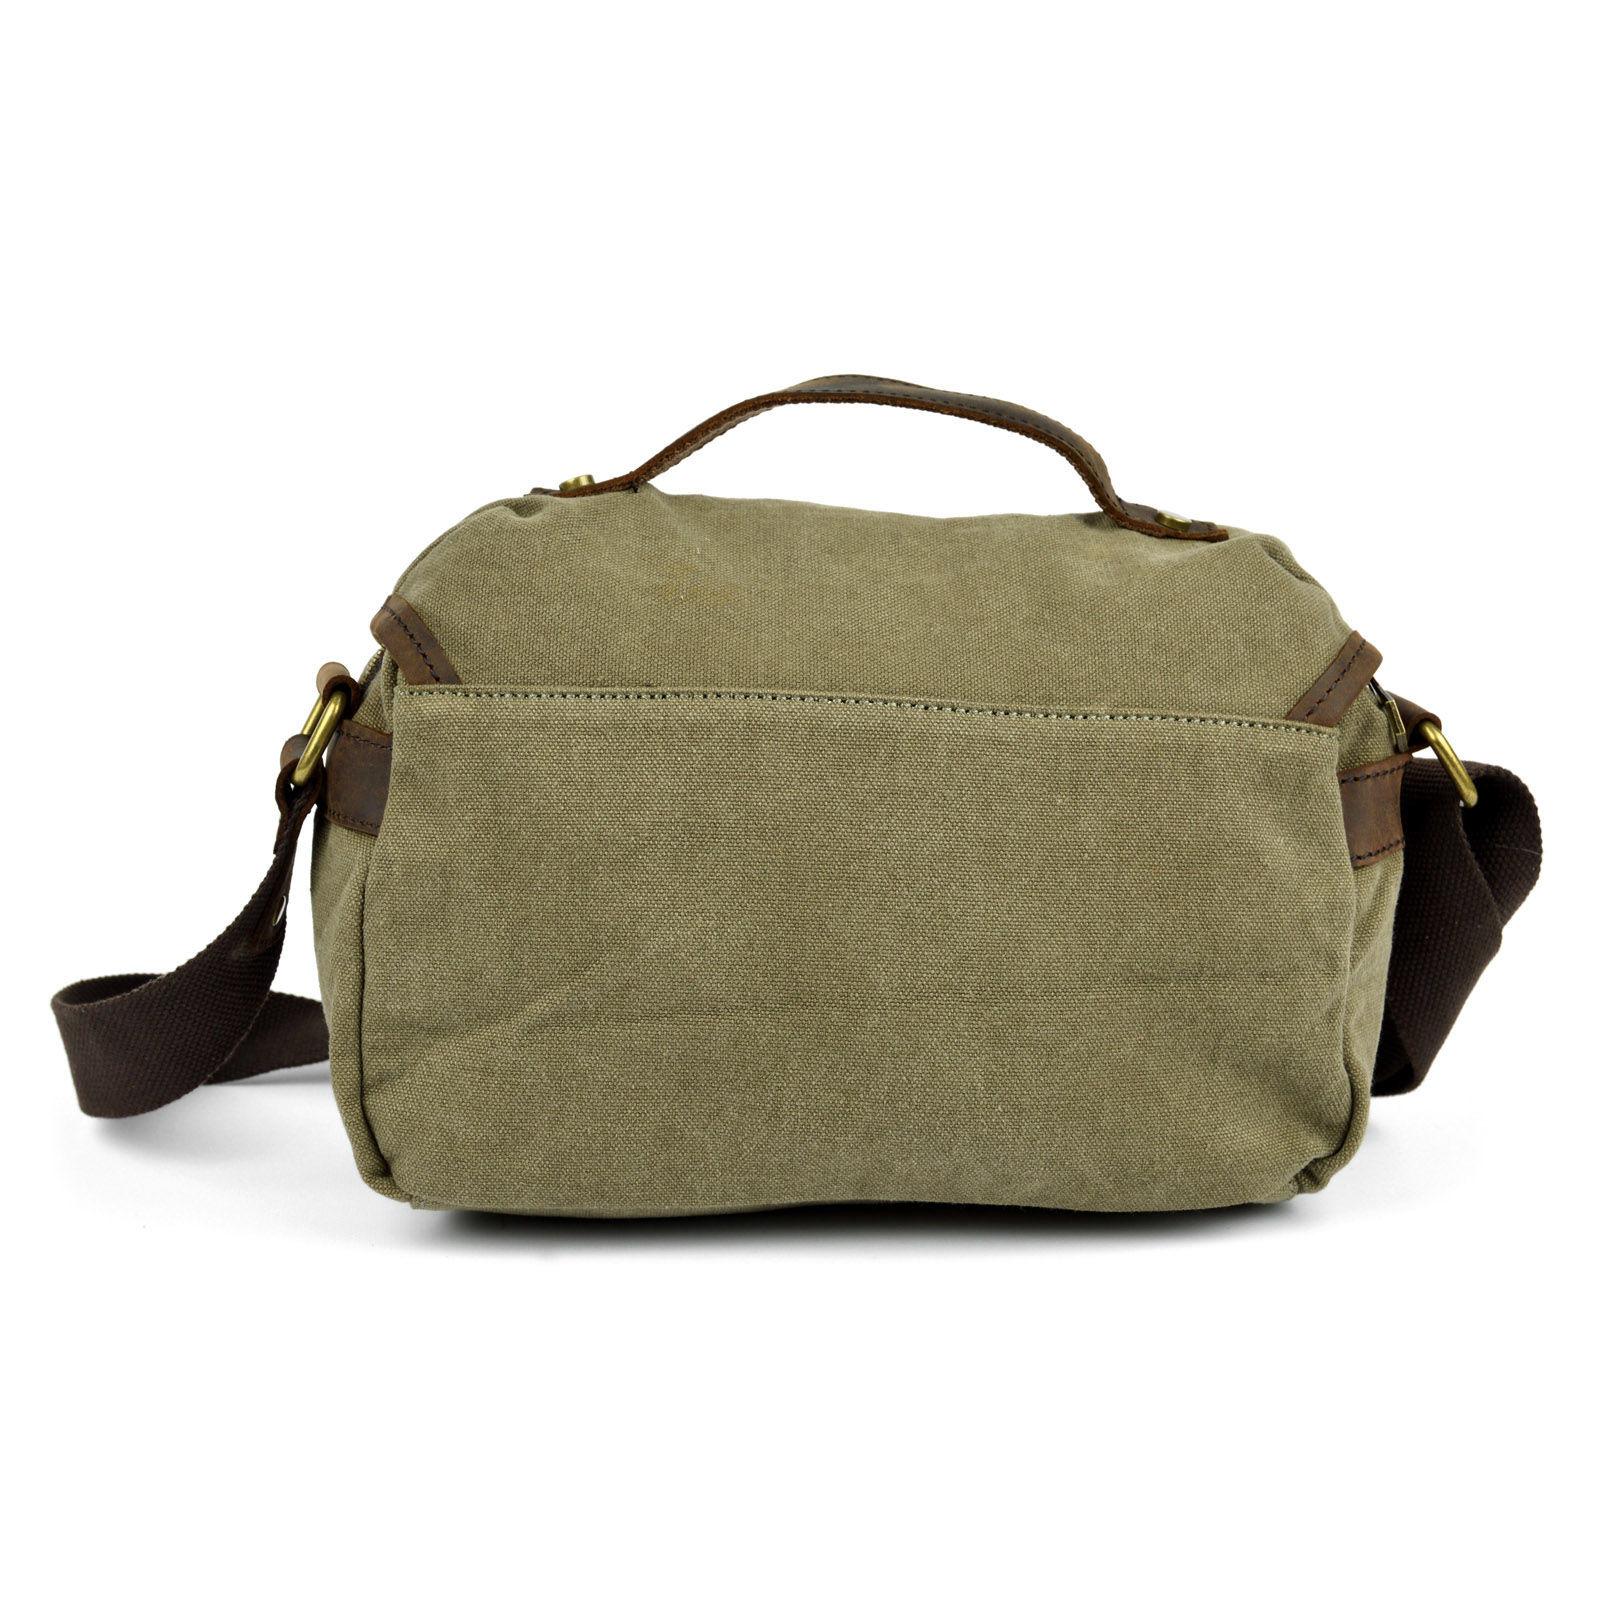 Ama Army Shoulder Bag Convey